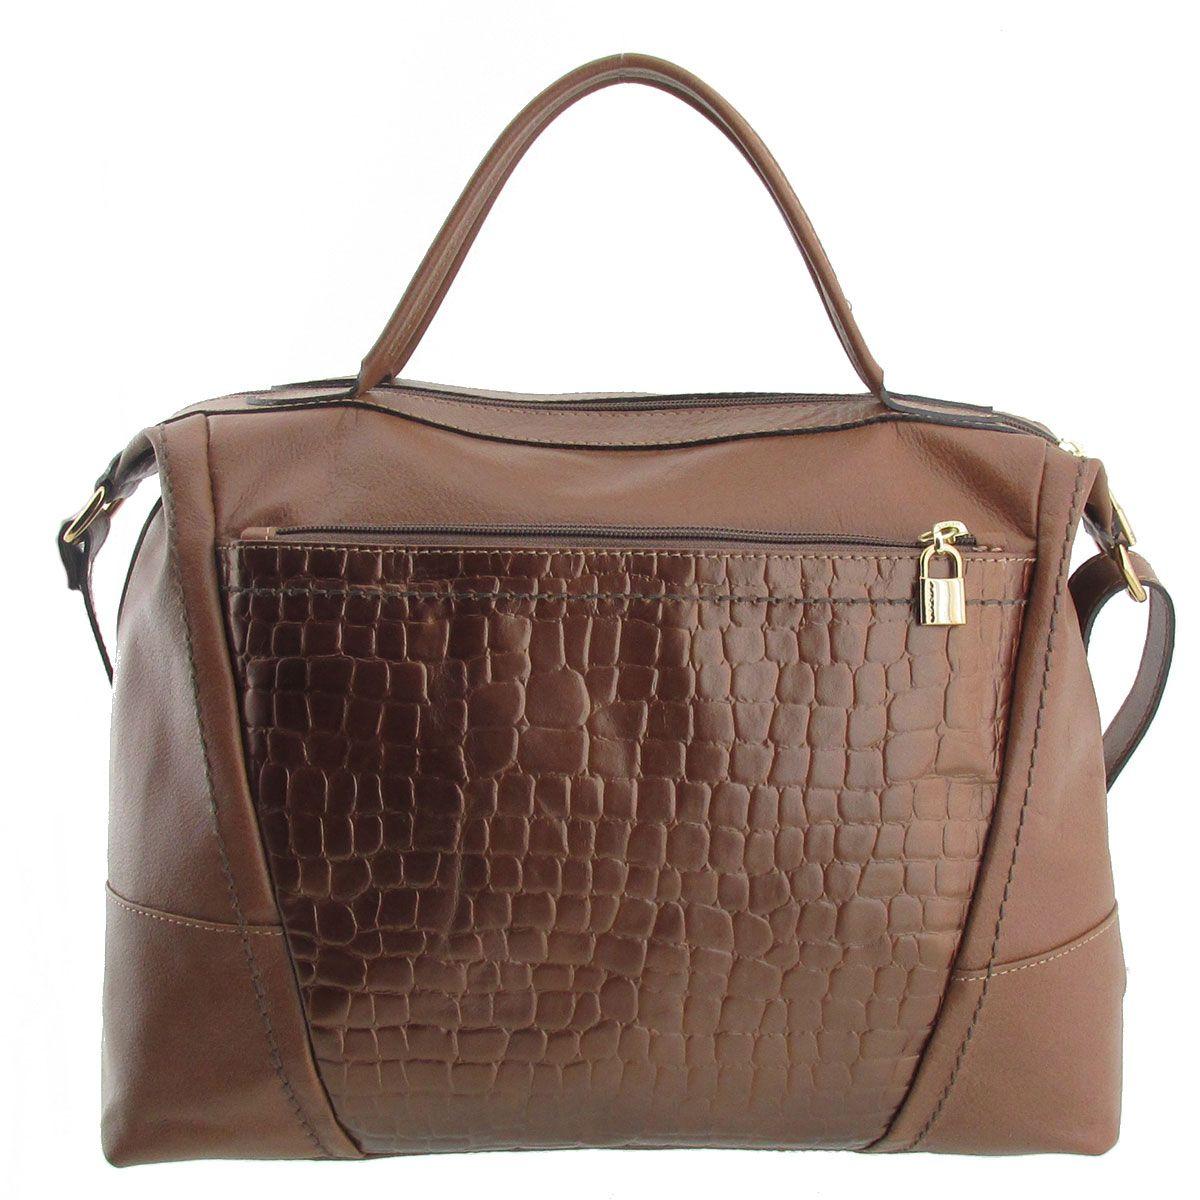 Bolsa De Mão Santino : Bolsa de m?o em couro bronze